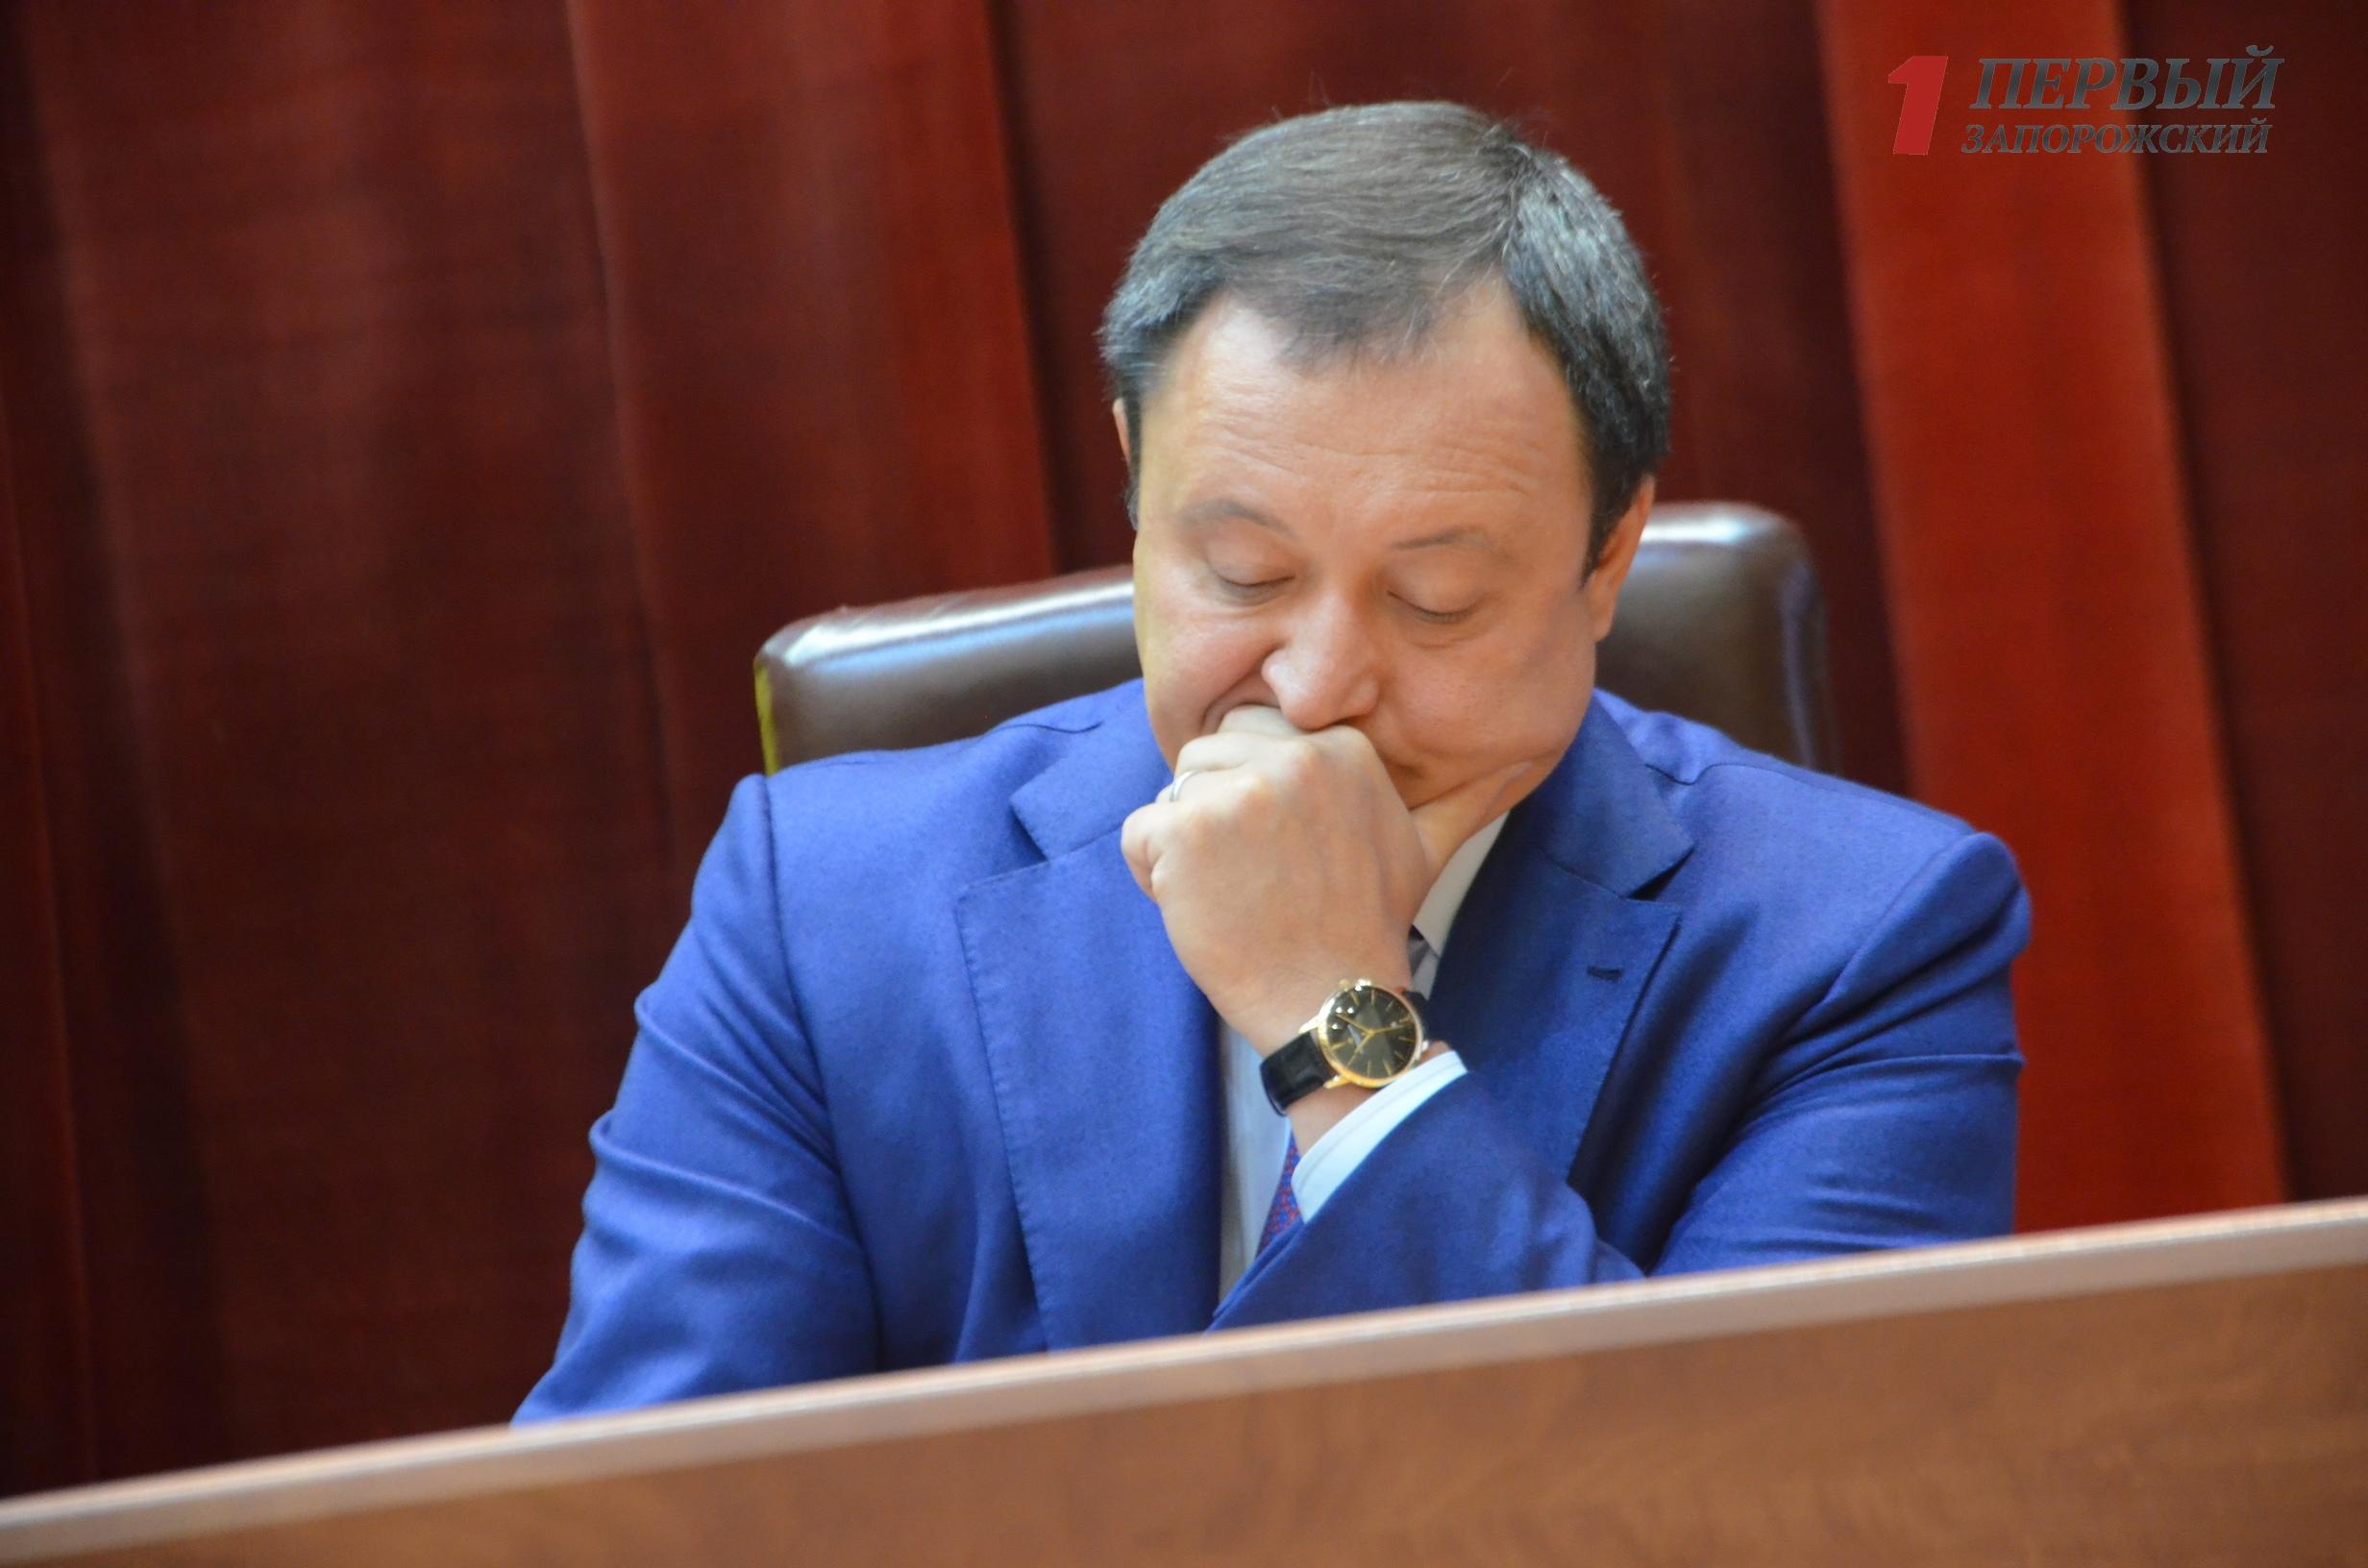 Константин Брыль пытается навязать свое мнение депутатам облсовета - ФОТО